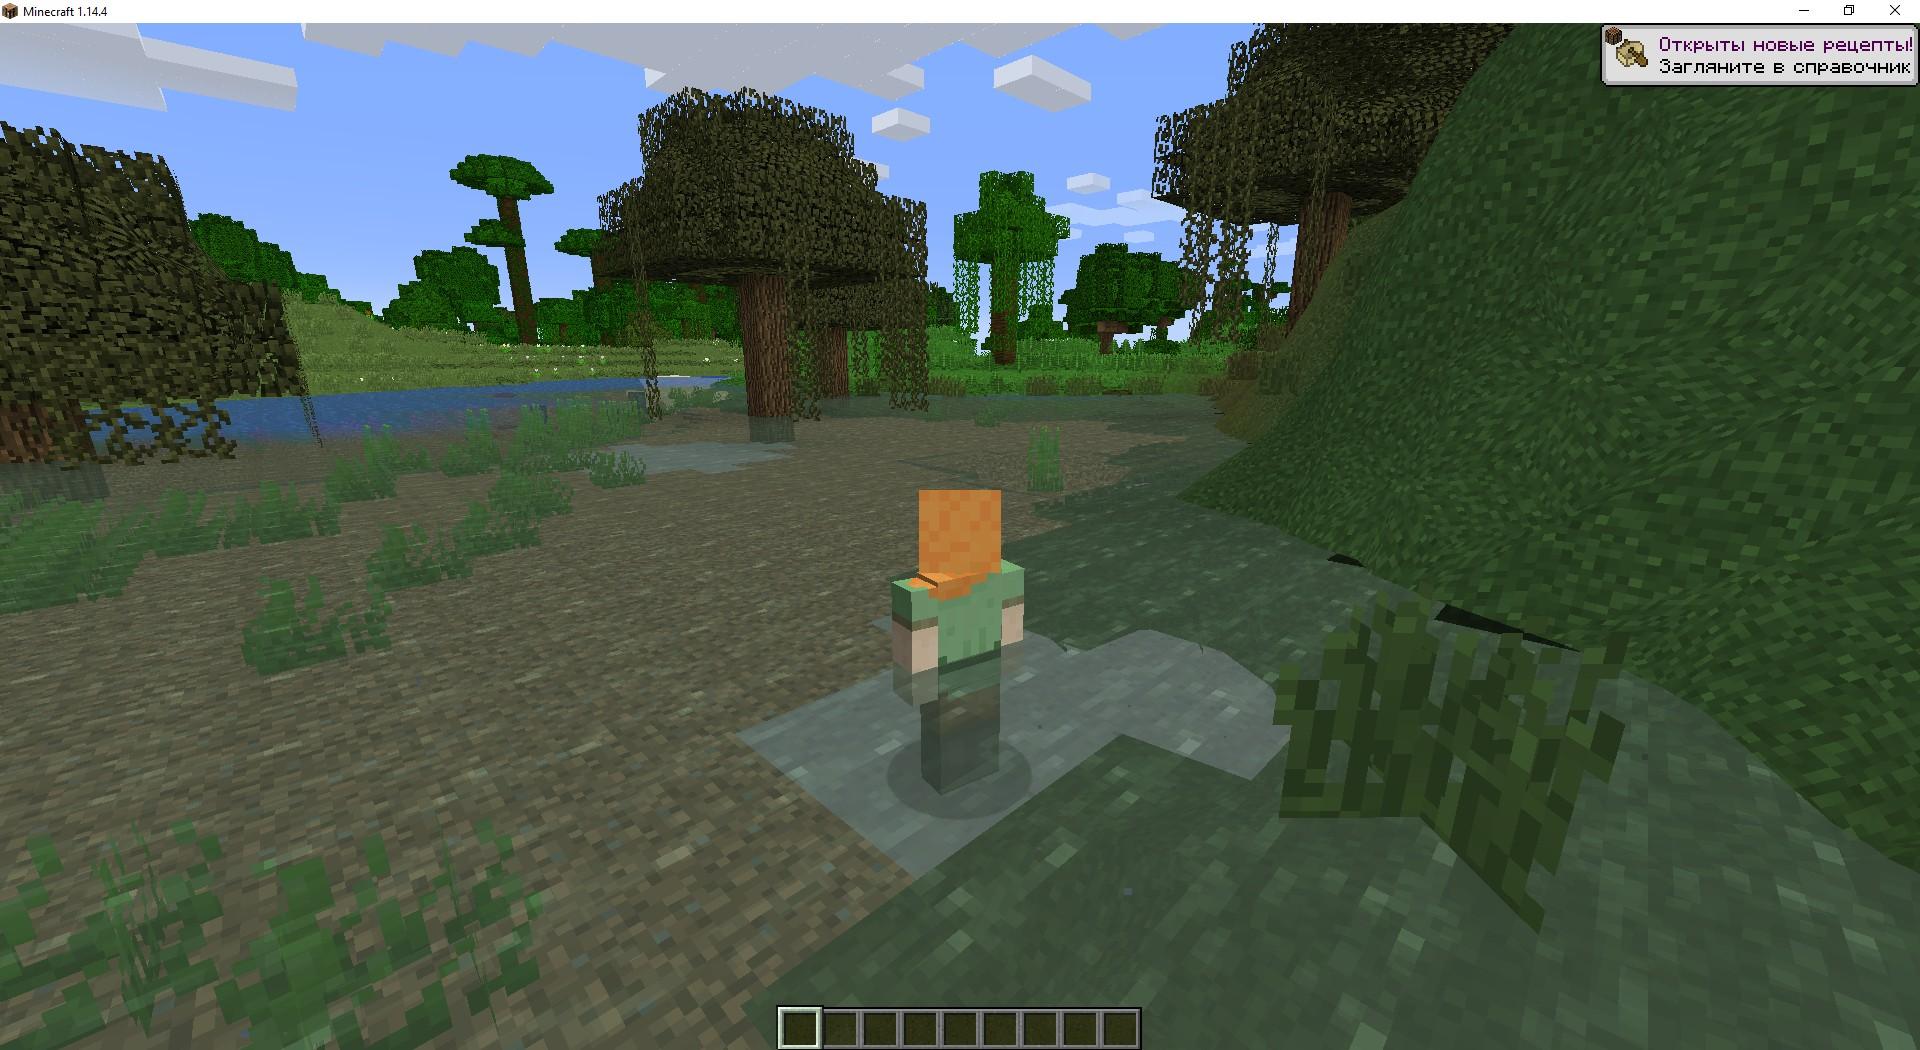 Мод NoCubes (реалистичный ландшафт) - скриншот 5